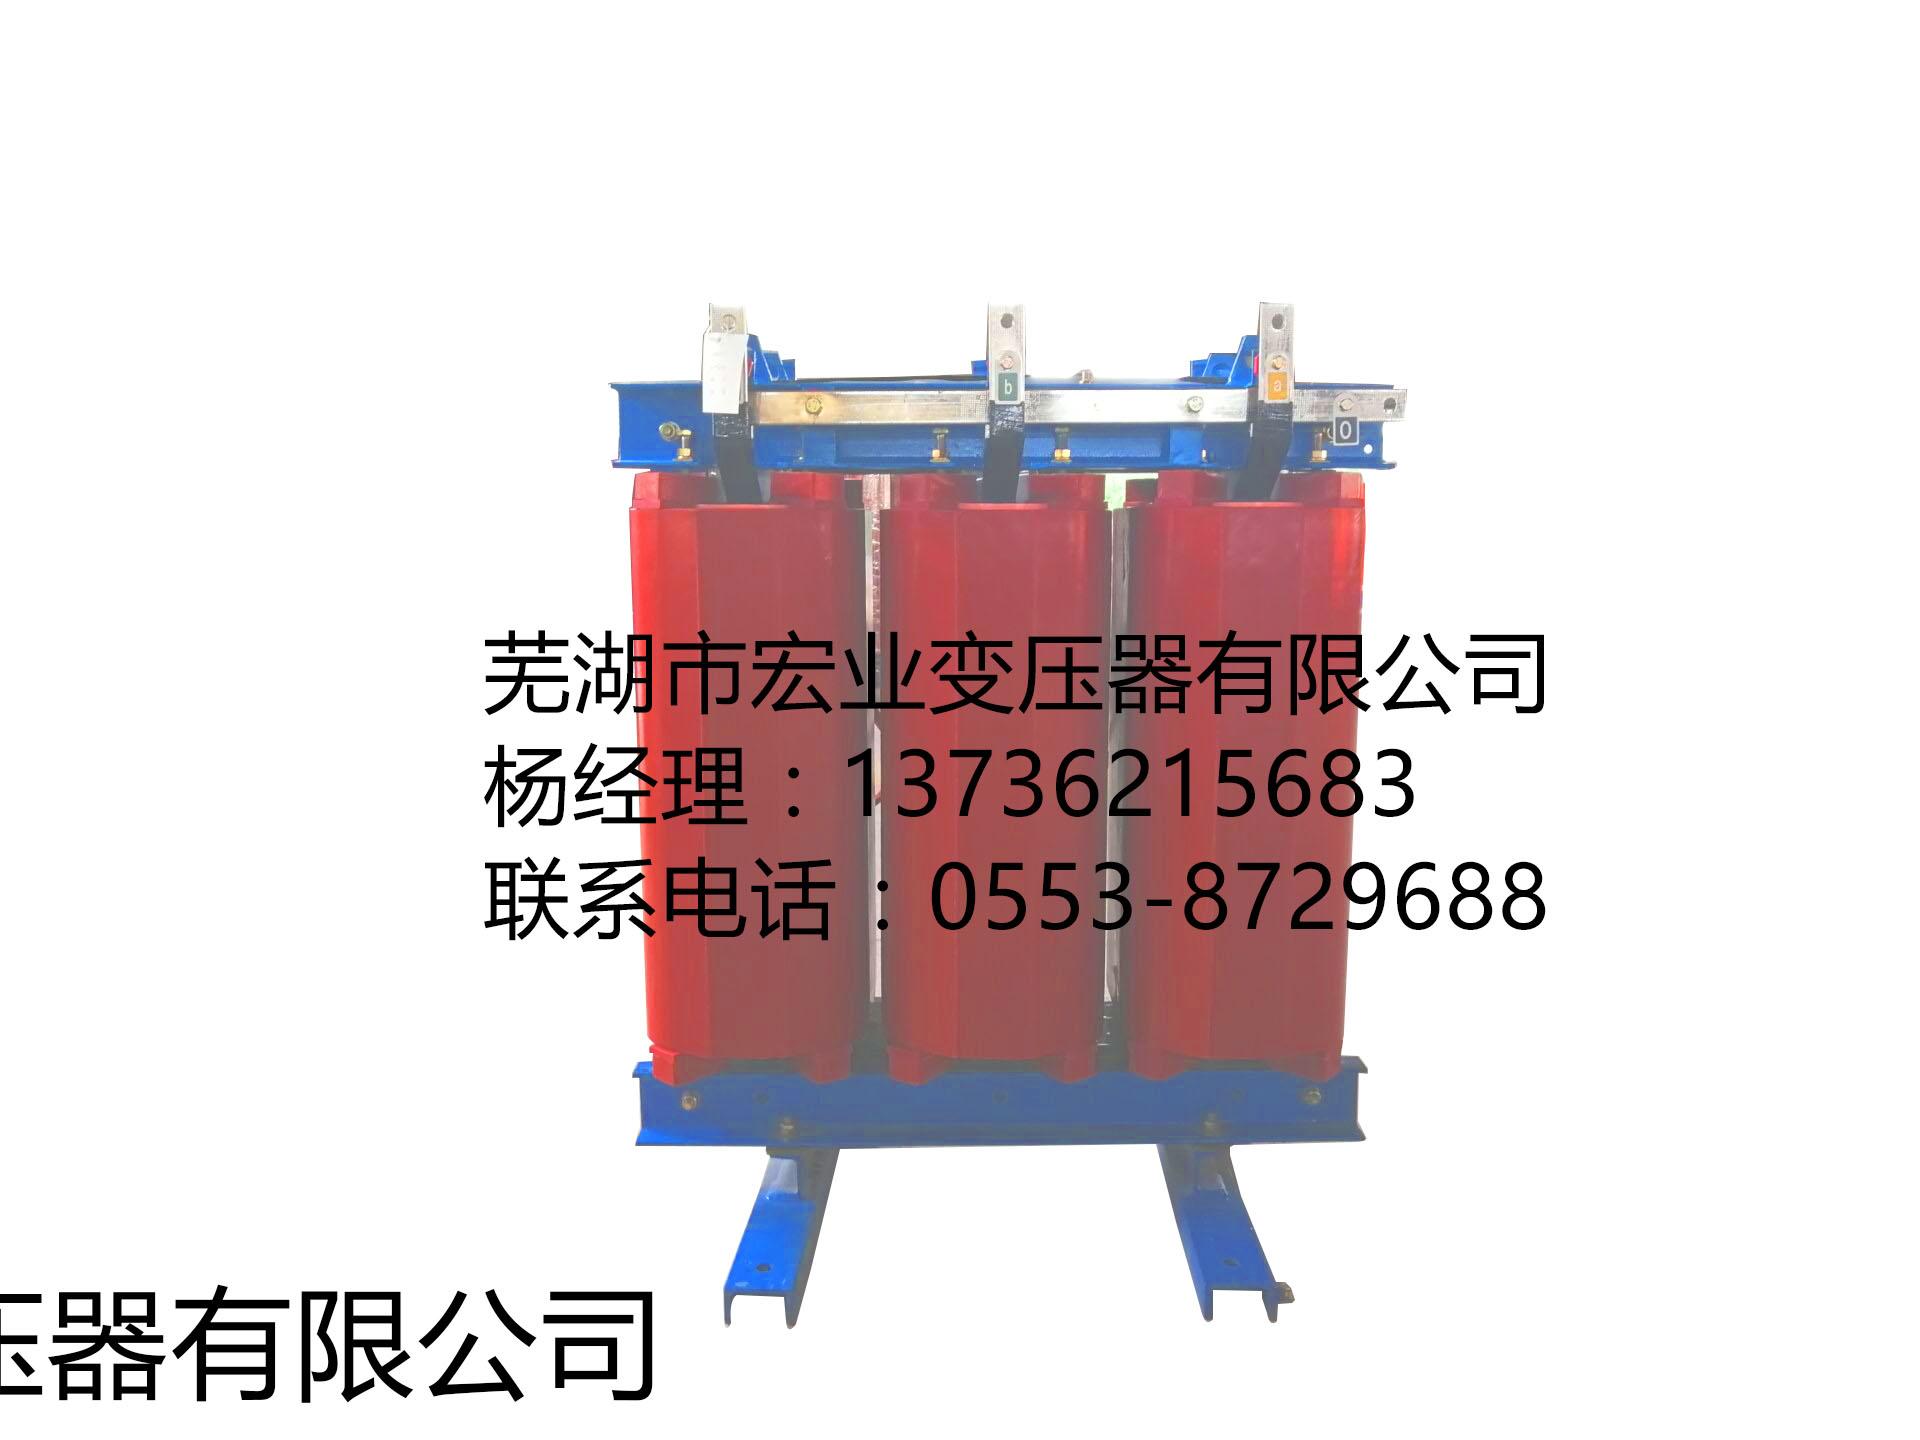 专业生产SC11-125/10-0.4干式所用变压器